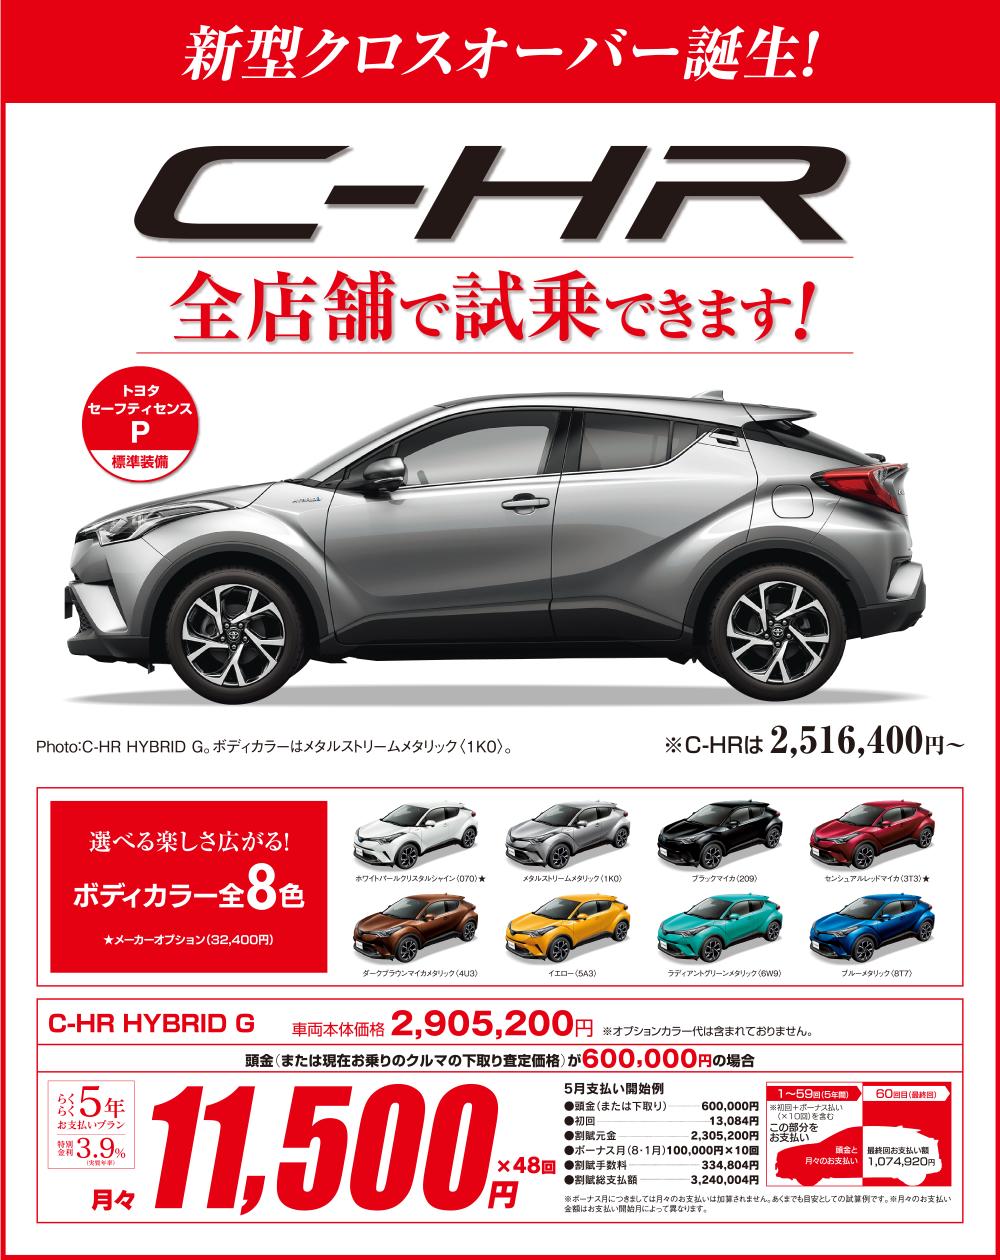 新型クロスオーバー誕生 C-HR